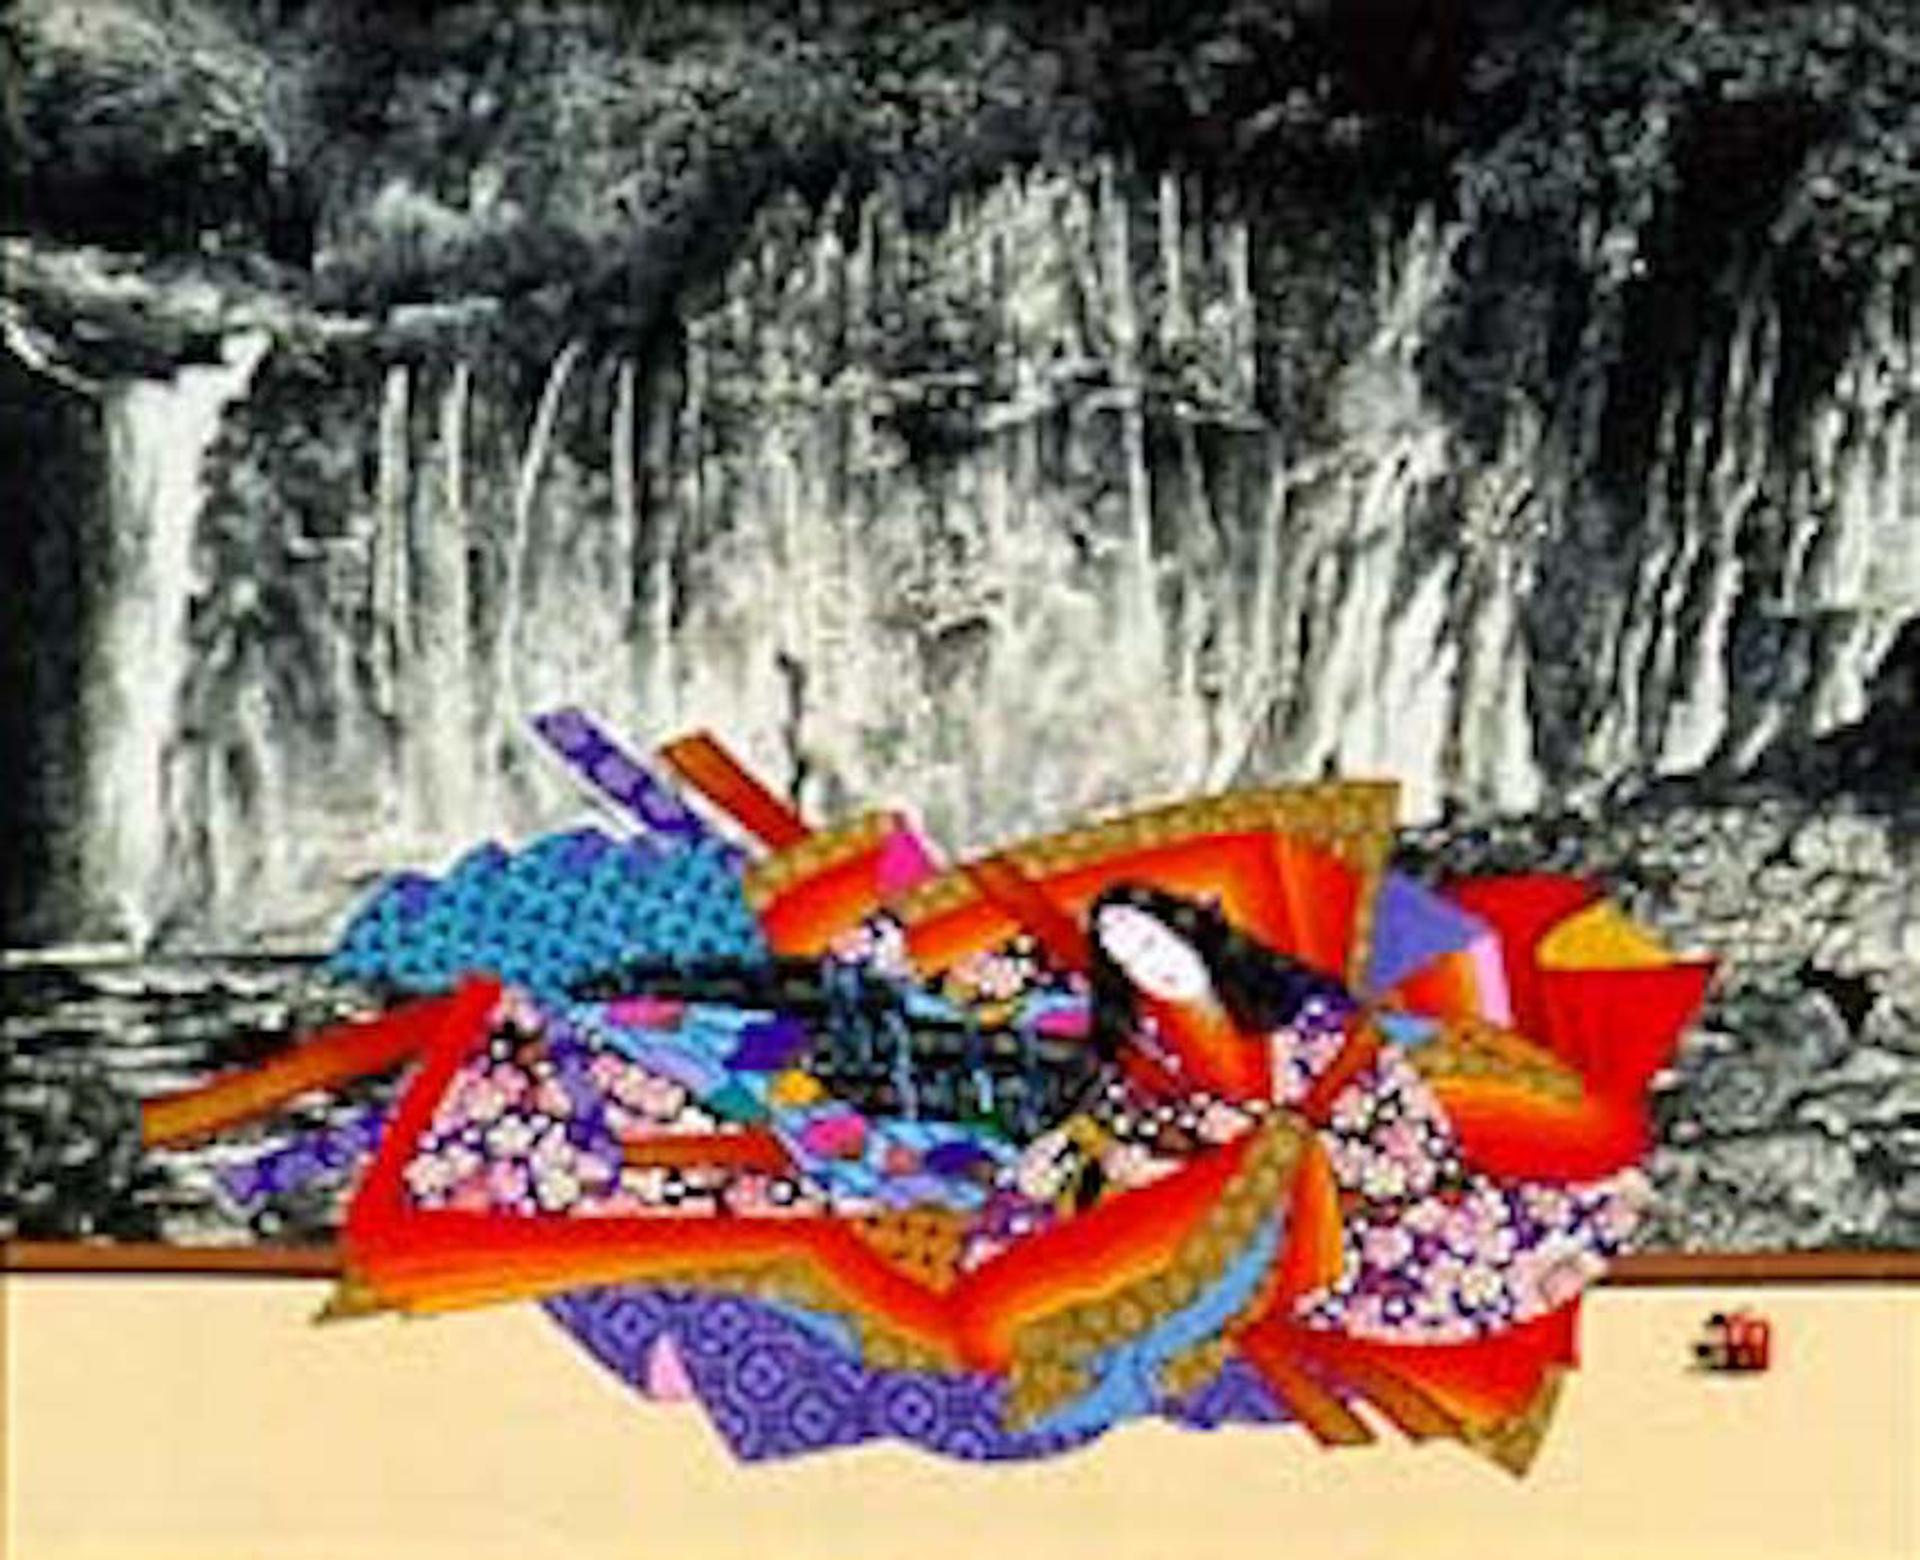 Sei Shonagon - Waterfall by Hisashi Otsuka